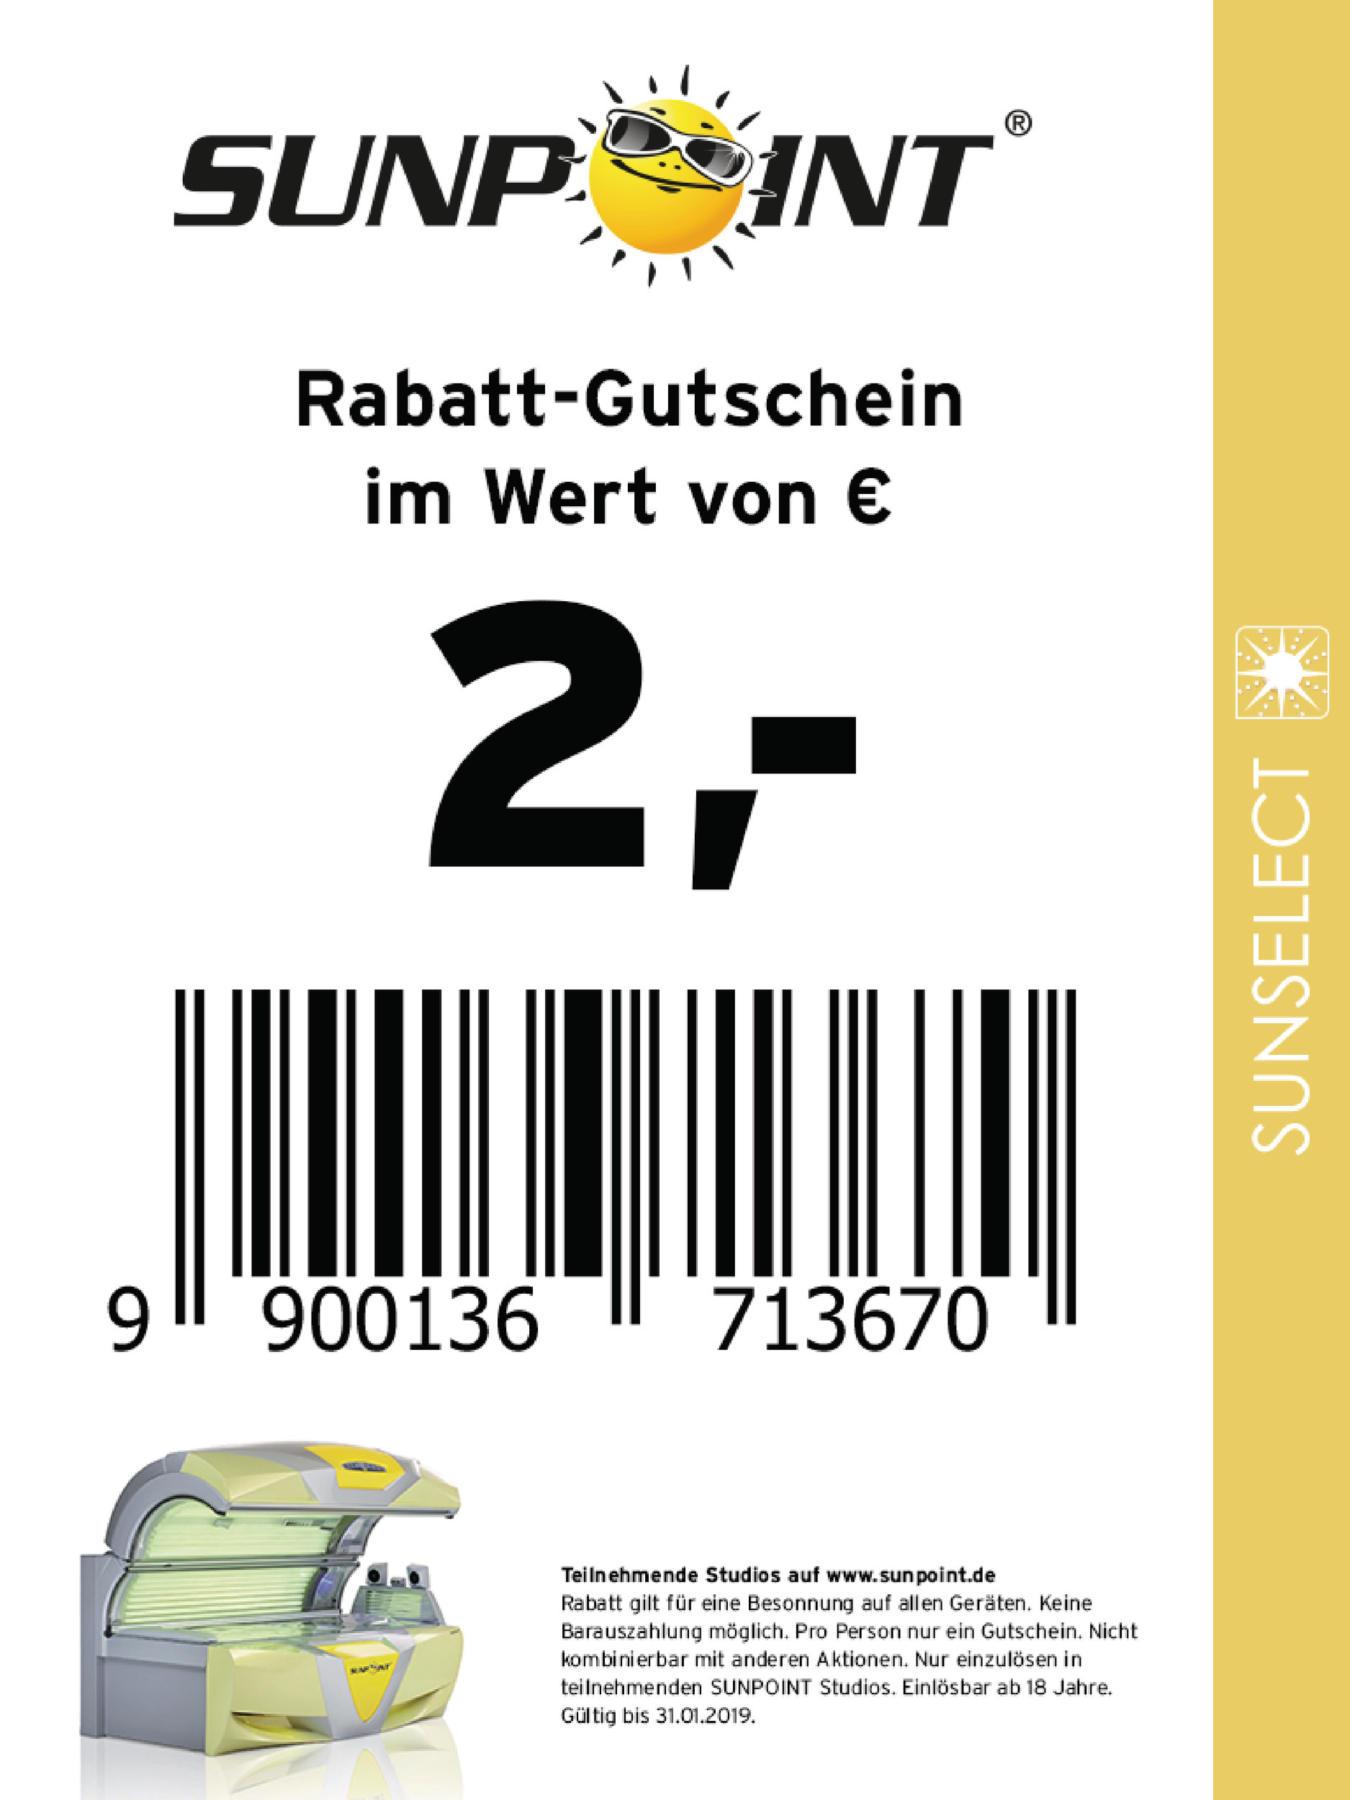 Sunpoint coupons köln